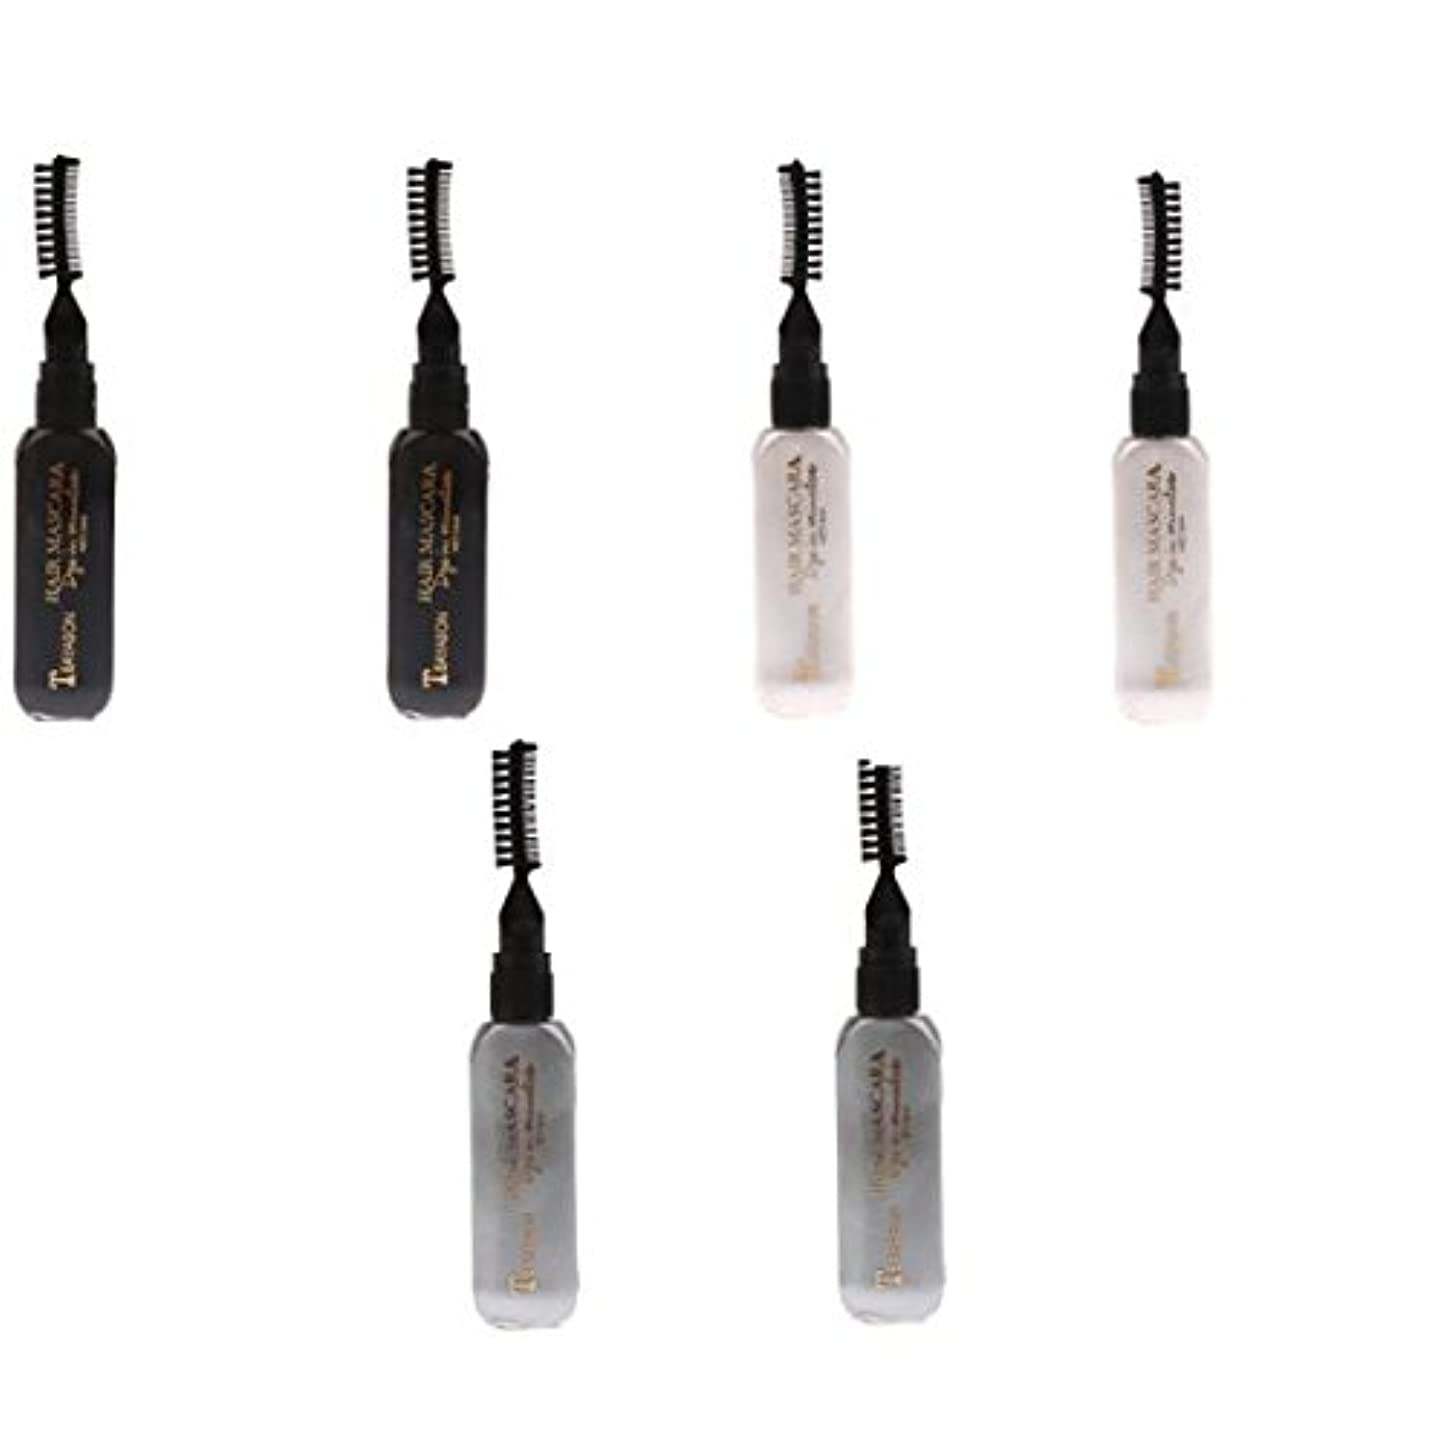 影響を受けやすいです吸う伸ばすKesoto ディスポーザブル ヘアカラー マスカラ カラーチョーク 染料 ティント ハイライト マスカラ テンポラリー 6個